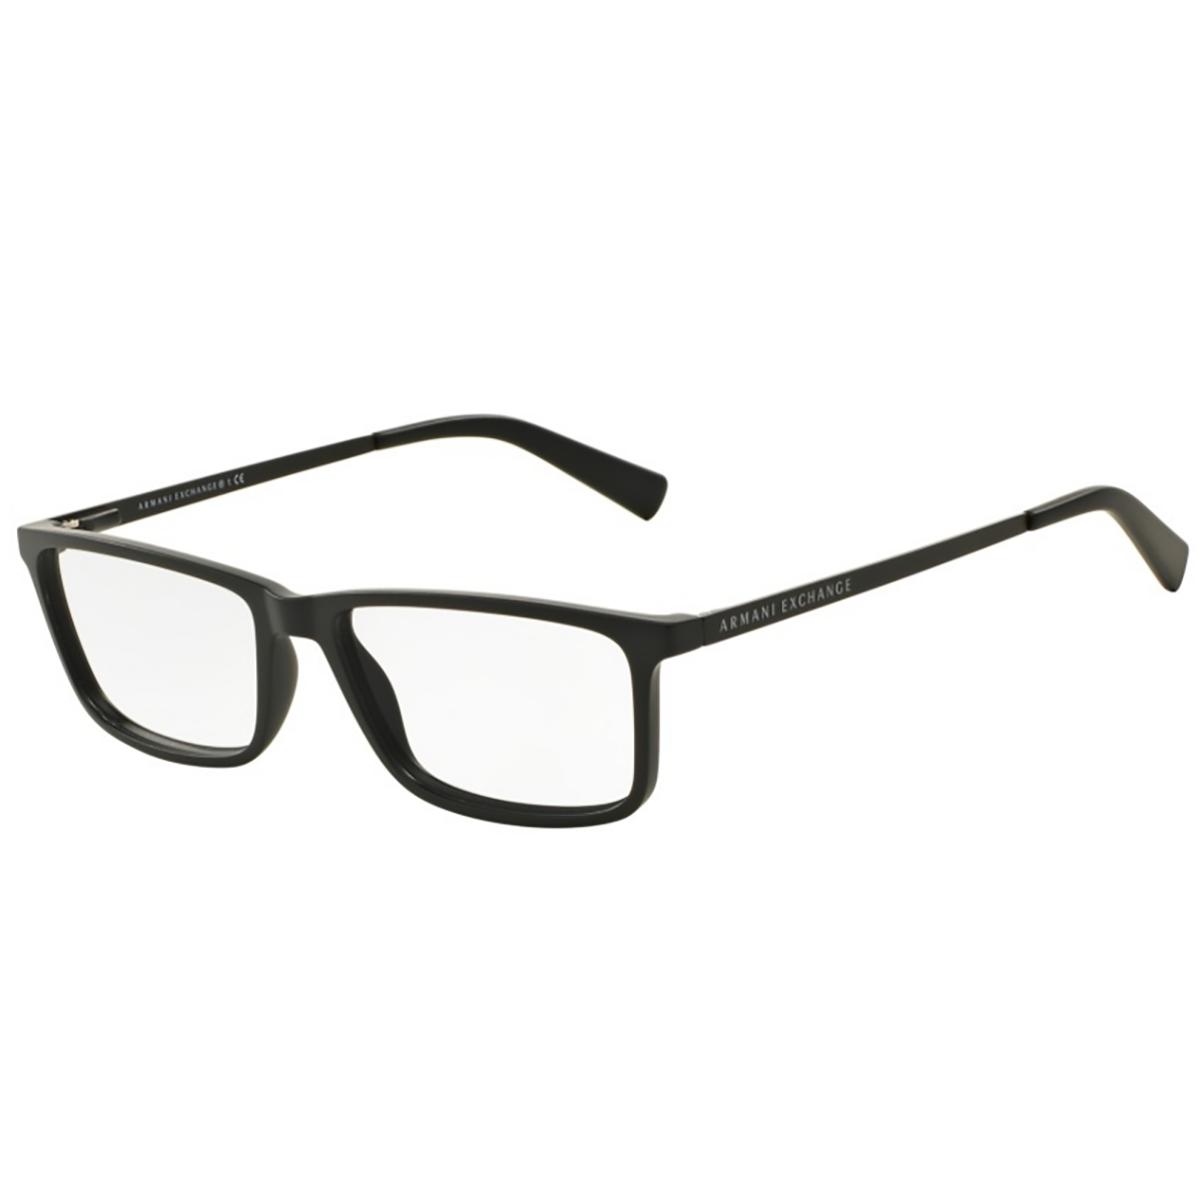 e8d33b2ffd6 Compre Óculos de Grau Armani Exchange em 10X